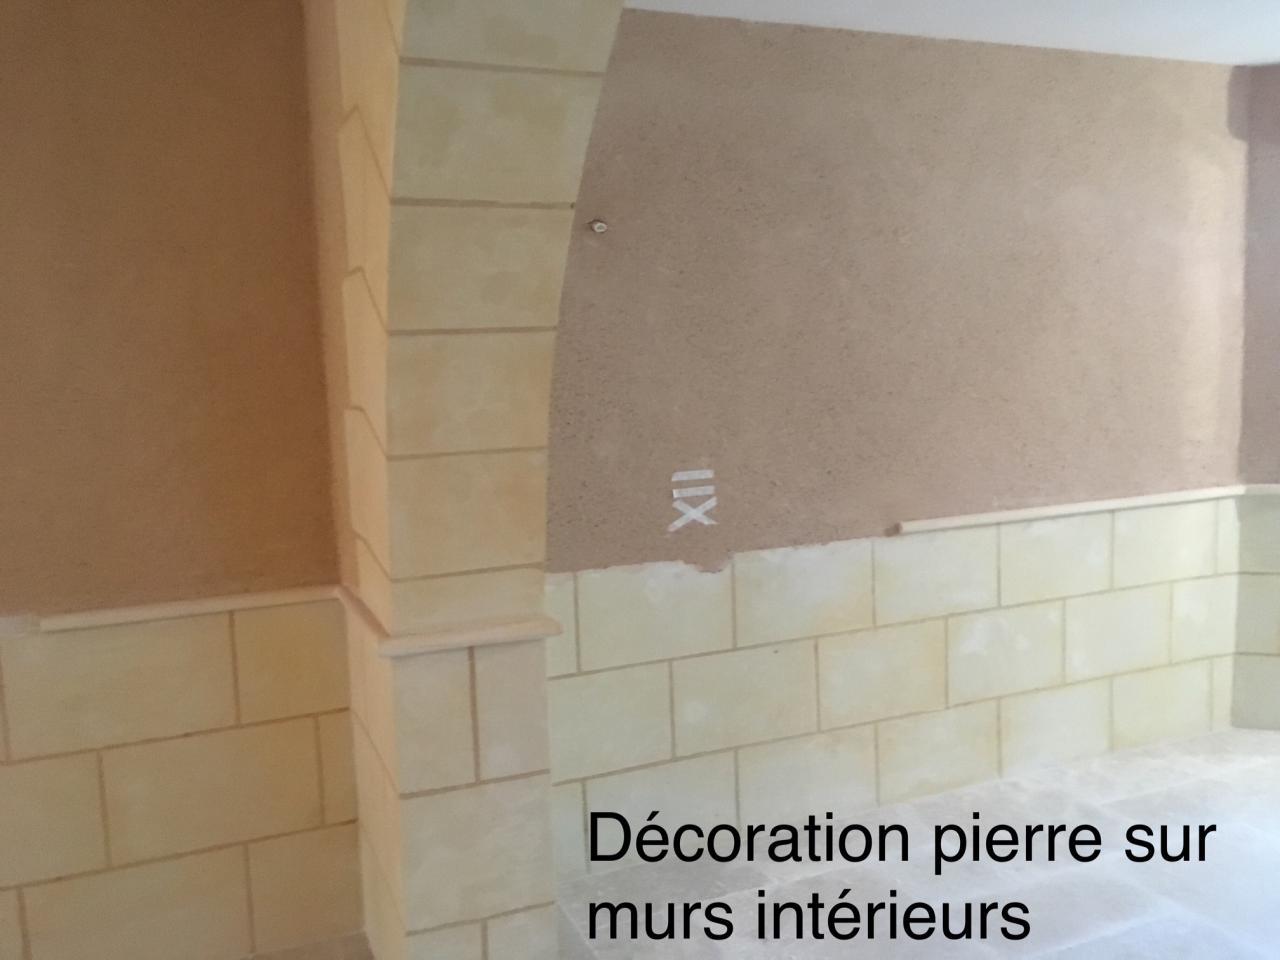 Décoration pierre sur murs intérieurs